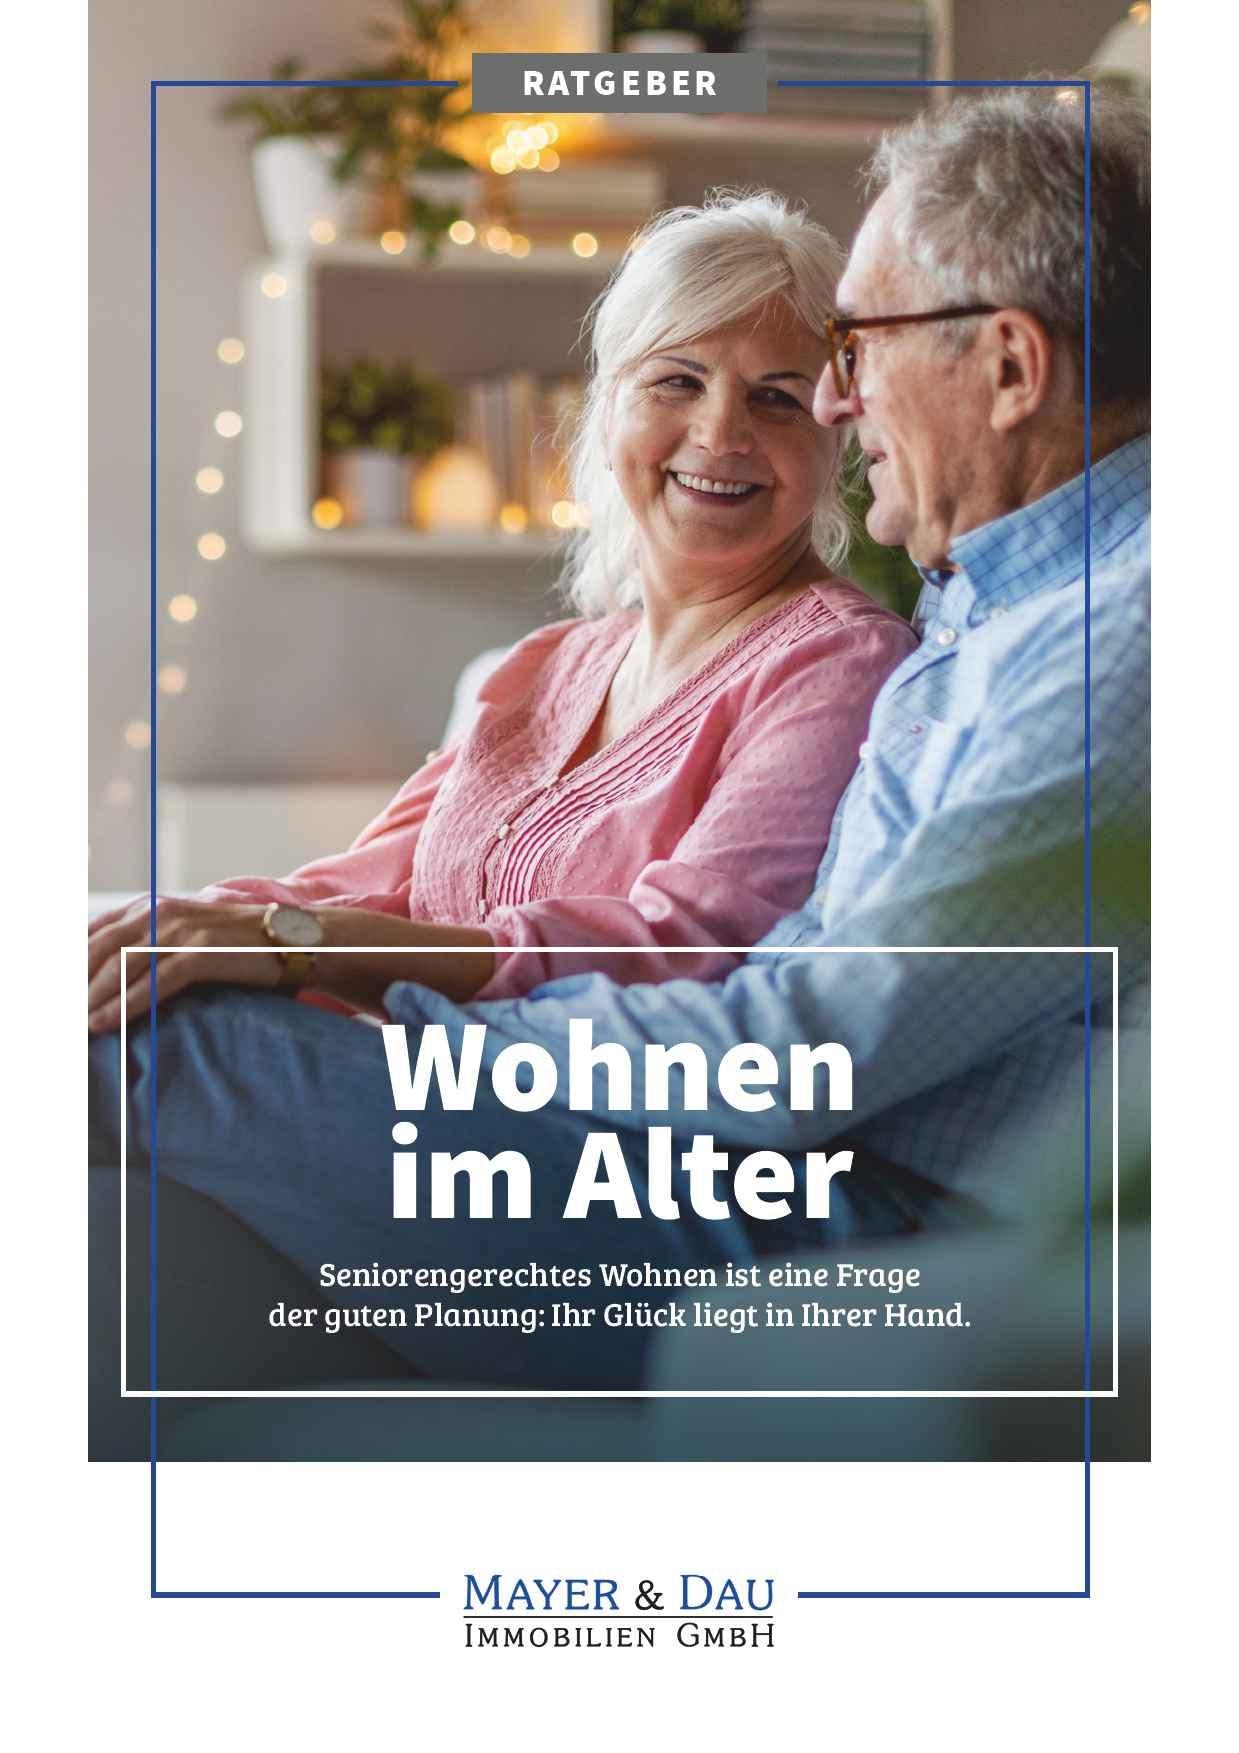 Mayer_und_Dau_Wohnen_im_Alter_Cover